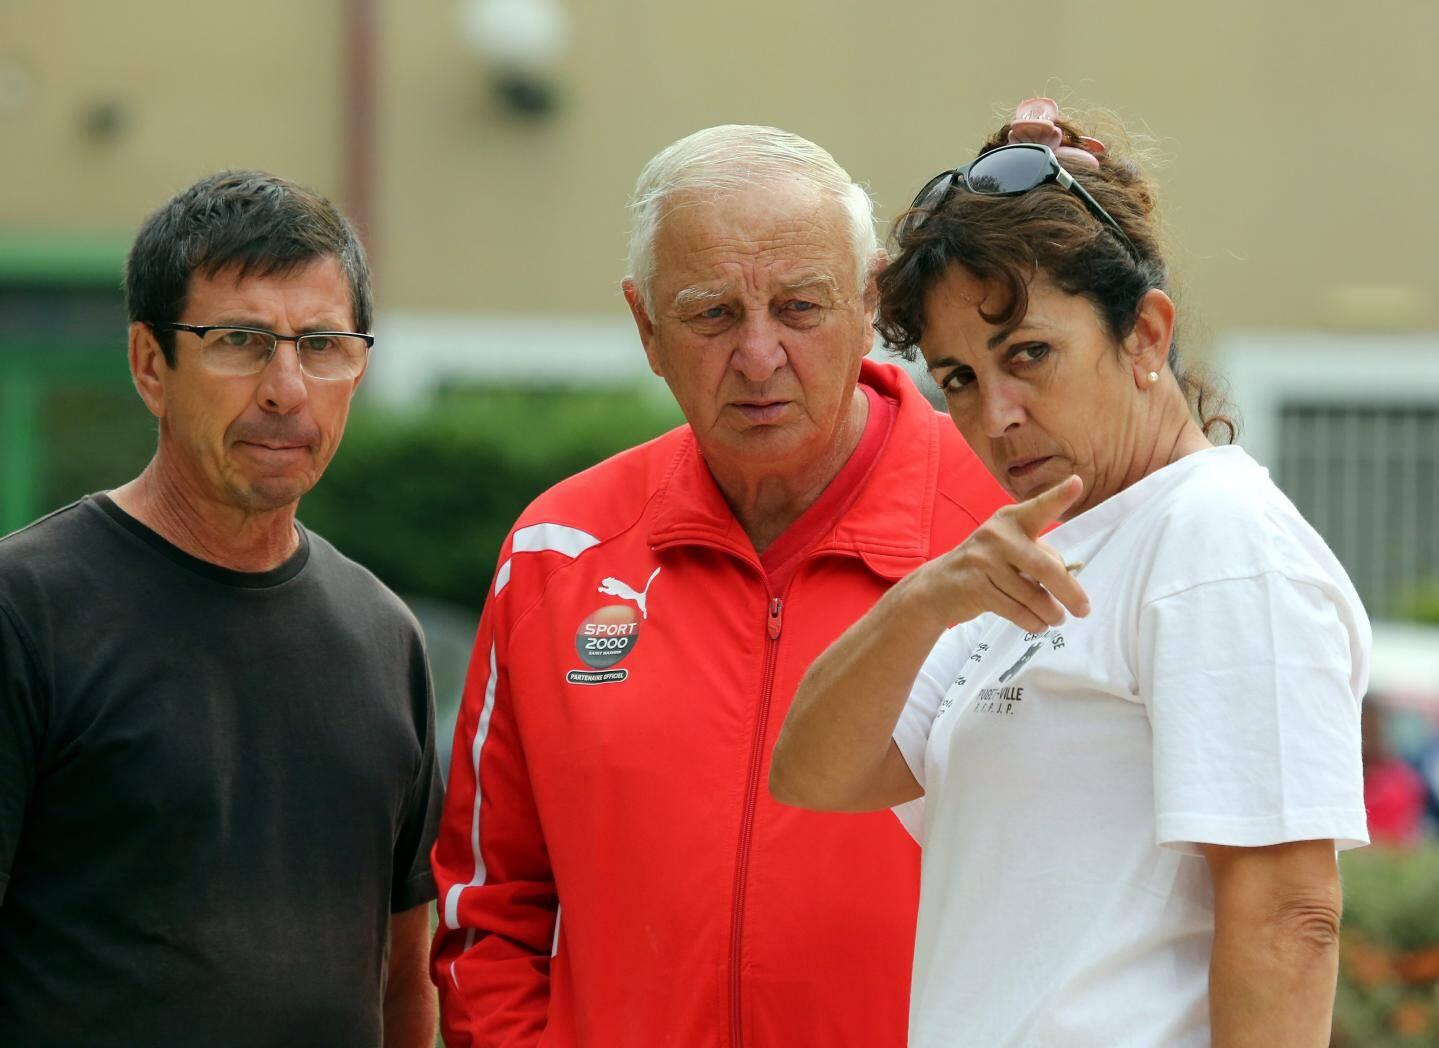 Thierry Belluci, Jean-Claude Brunosalel et Danielle Autran, de Saint-Maximin.